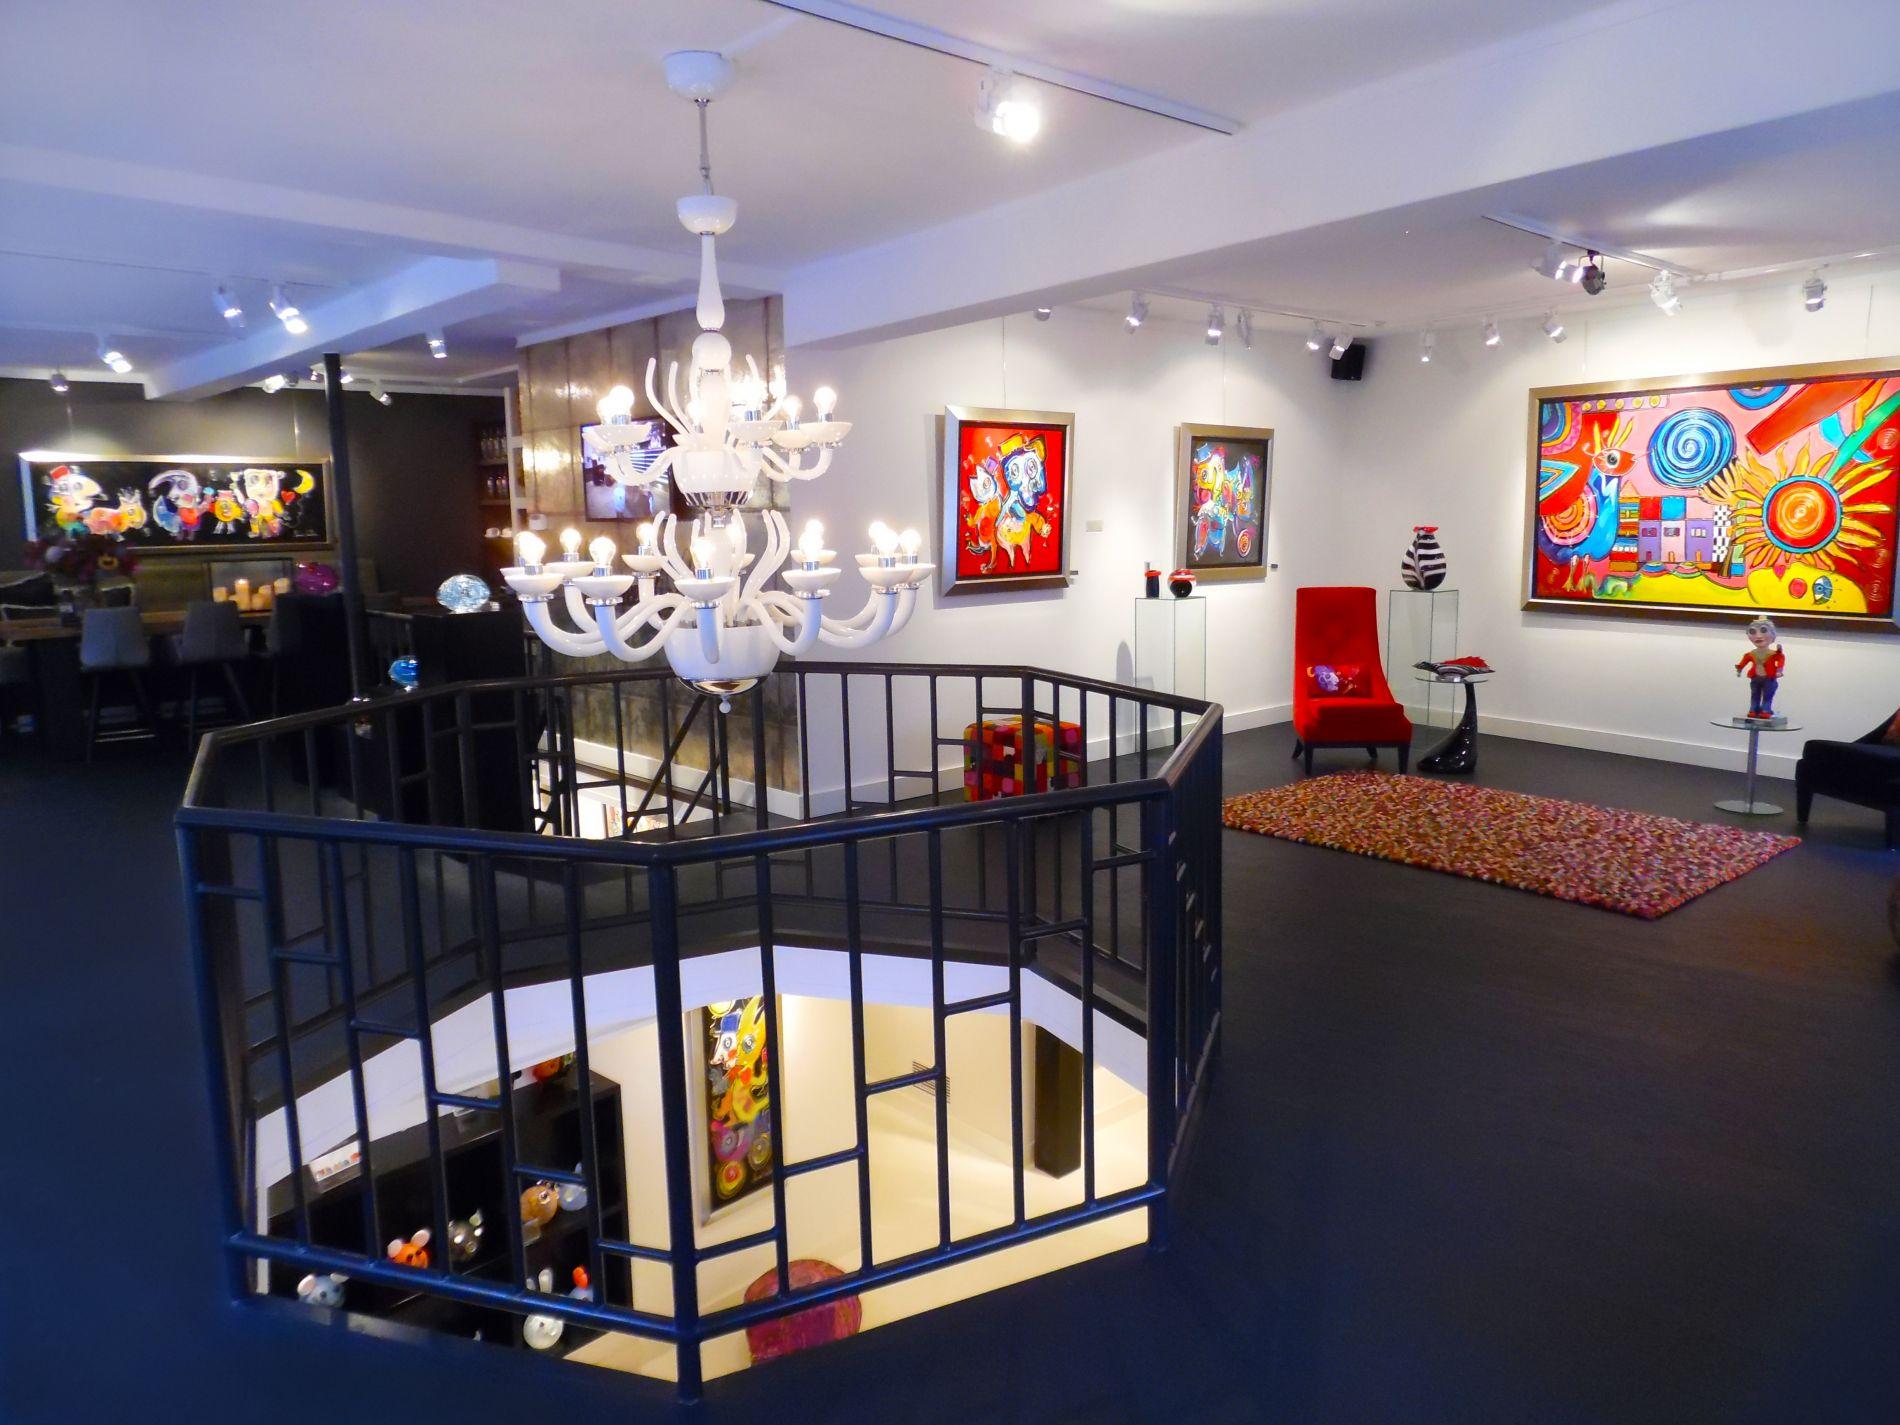 Een selectie van kunst in de galerie